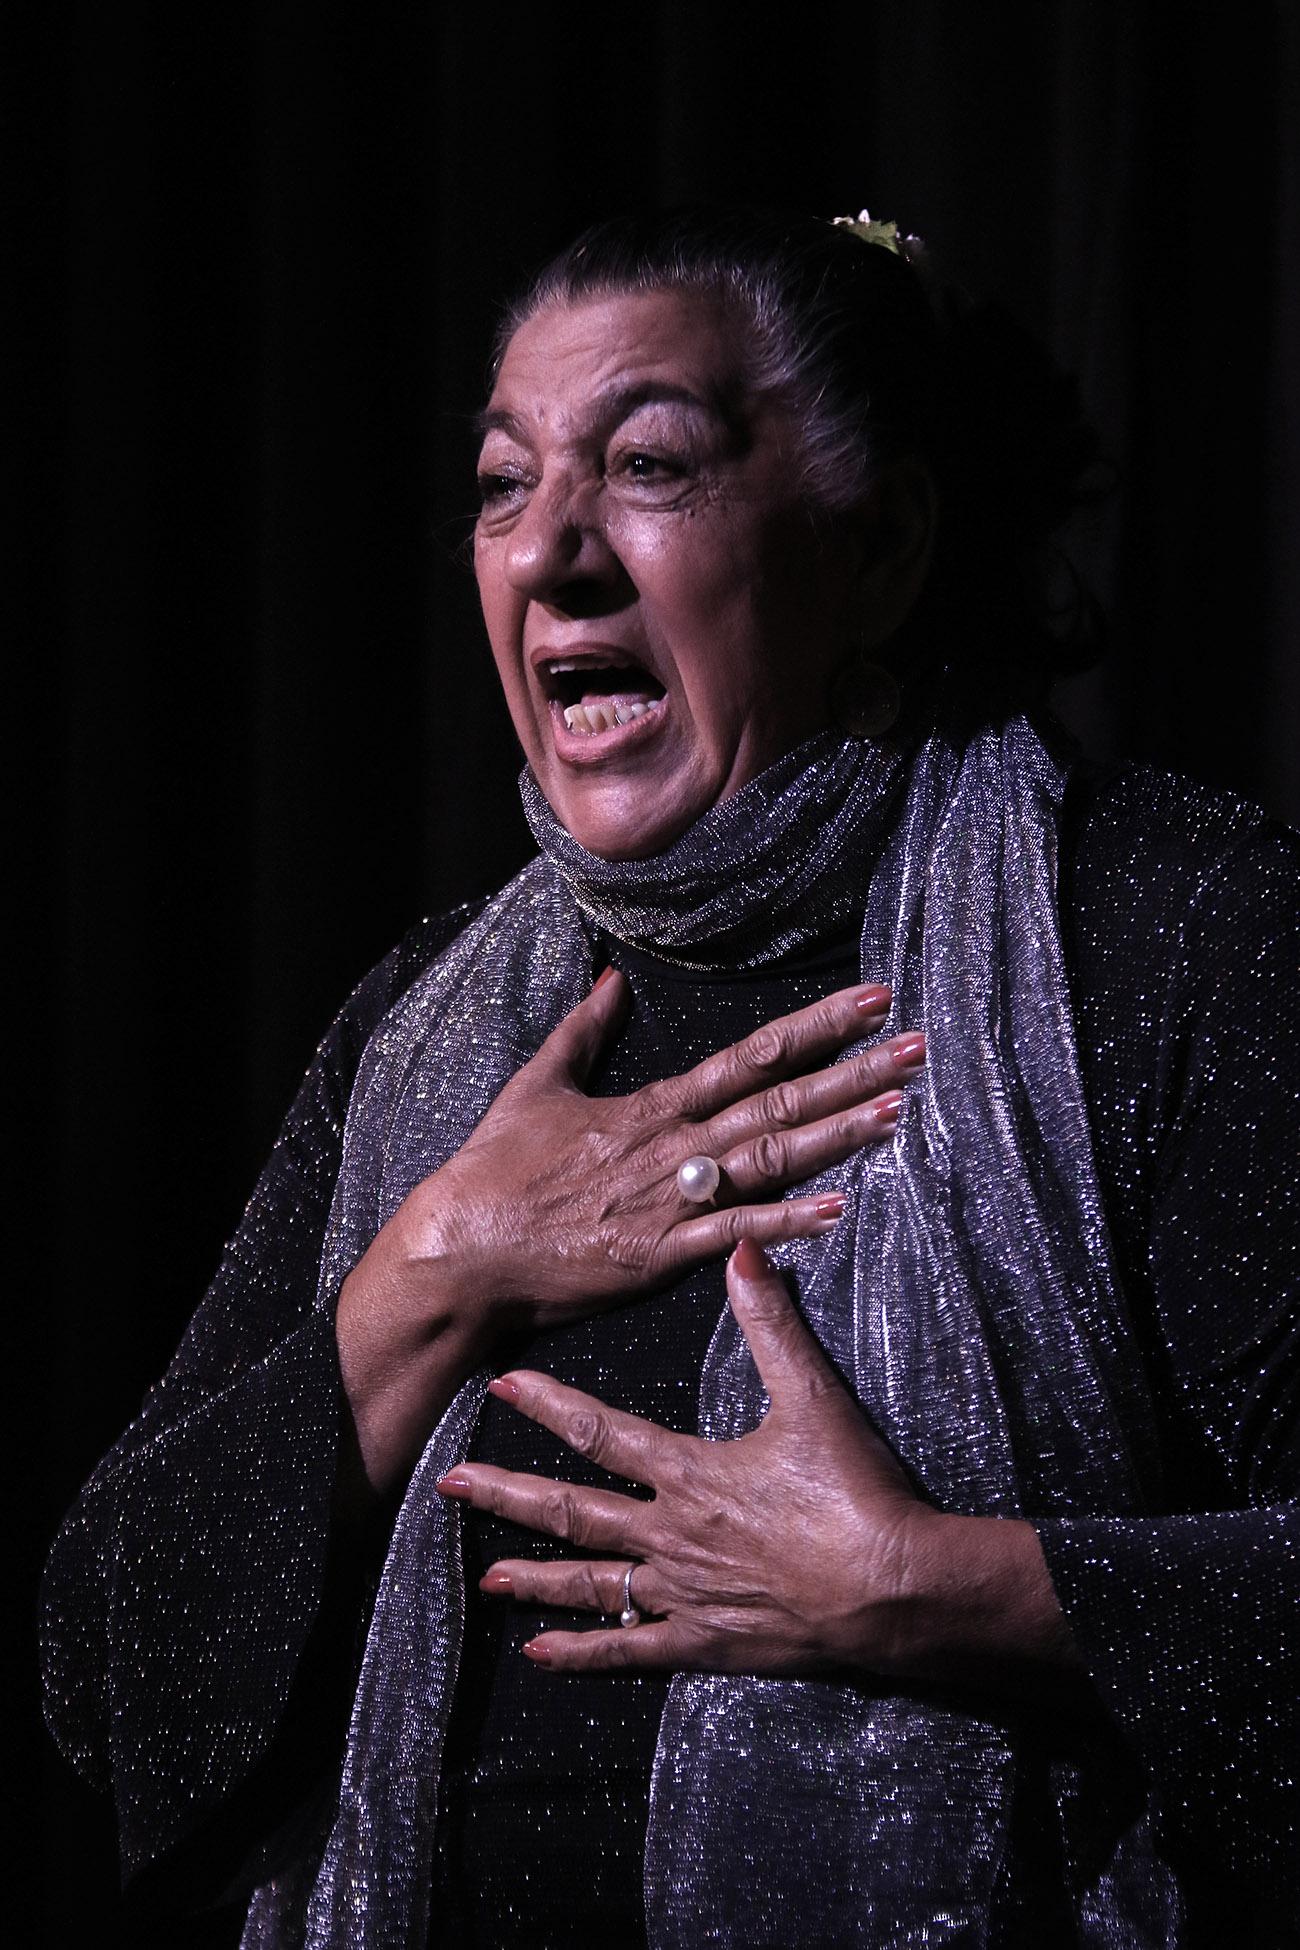 La cantaora Juana la del Pipa. Sala García Lorca, Fundación Casa Patas (Madrid). 23 nov 2019. Foto: Vicente Pachón